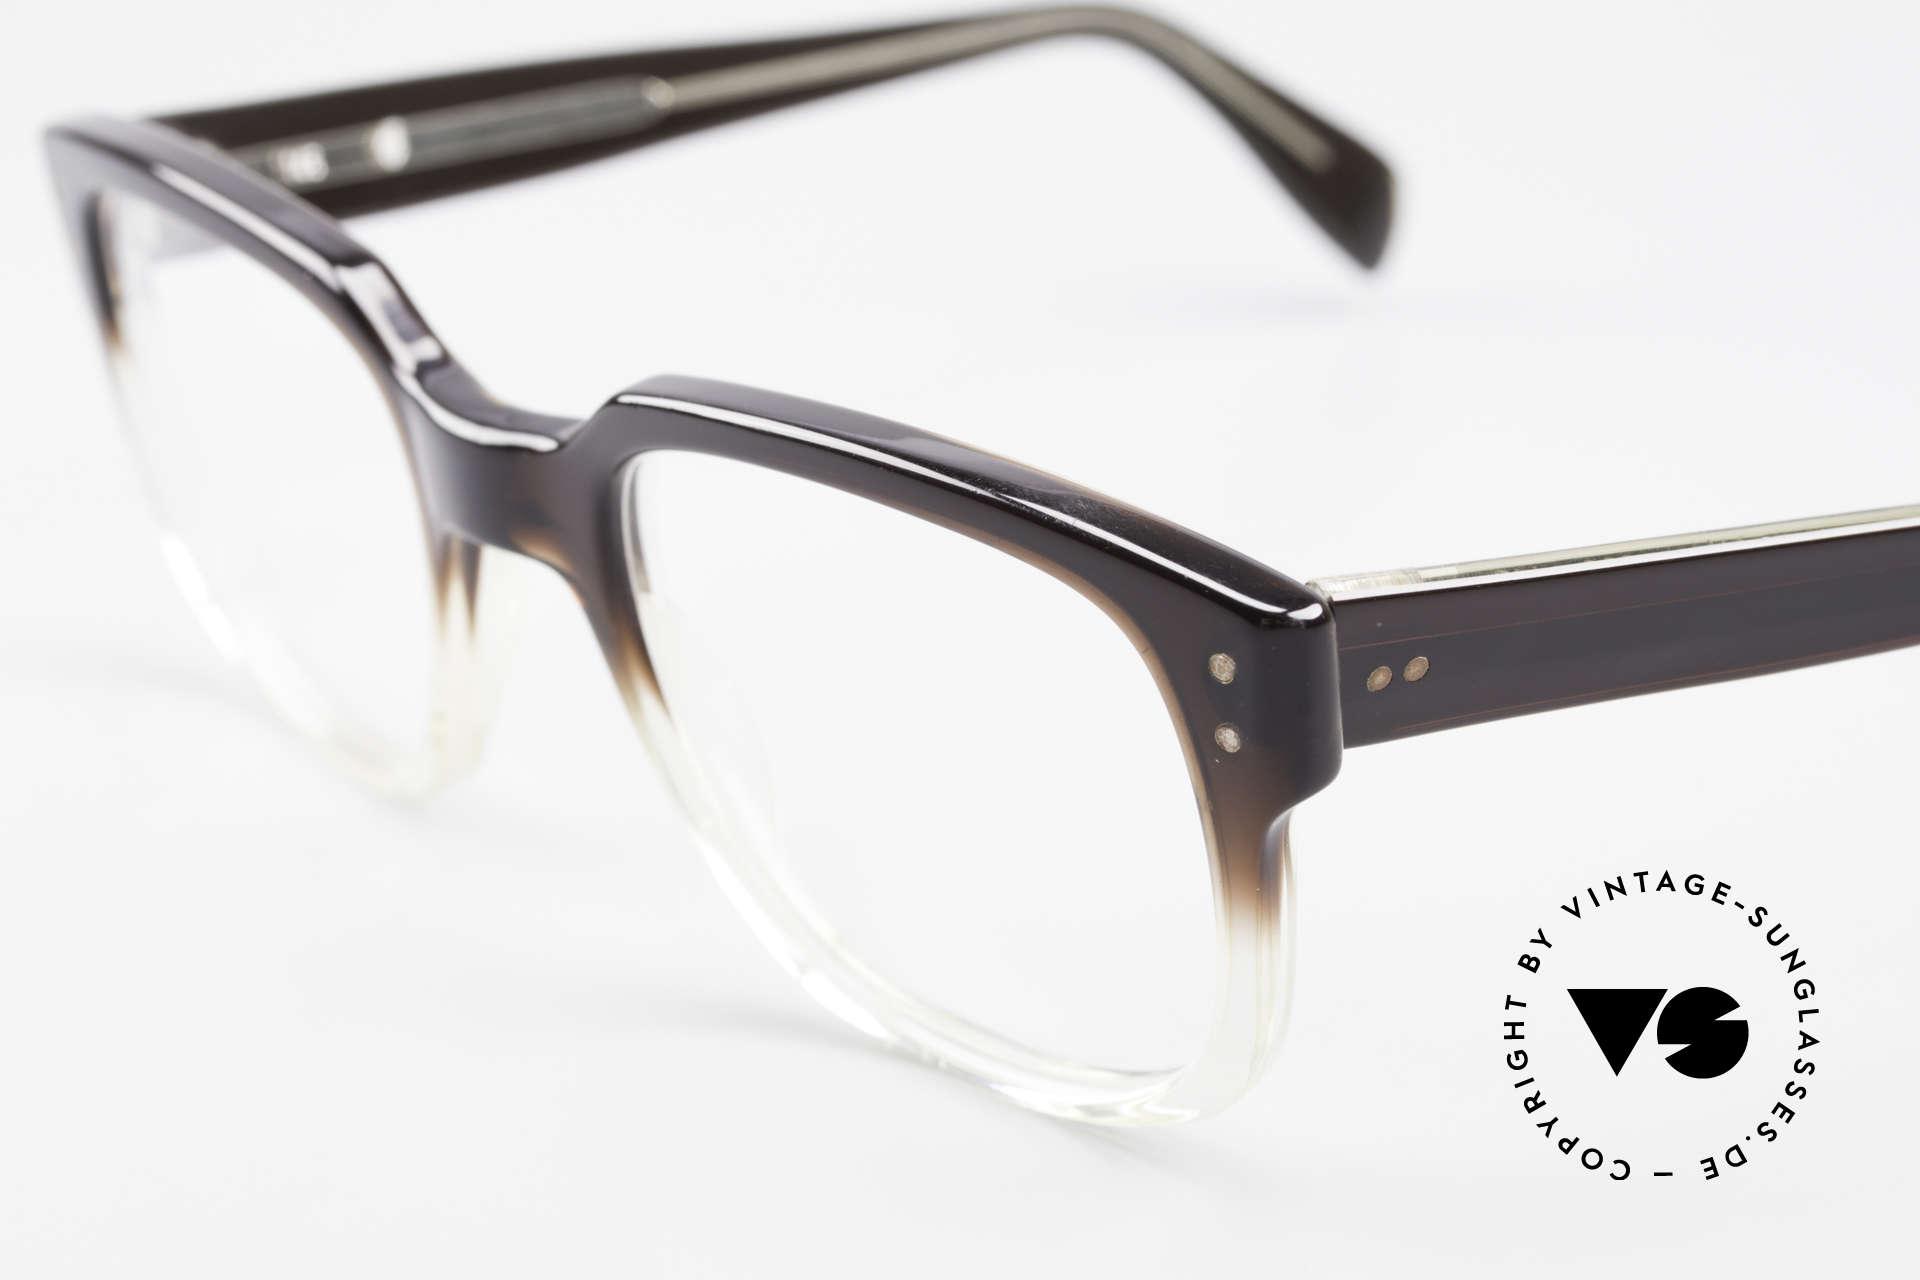 Metzler 447 Vintage Brille Nerd Hipster, 2nd hand Modell in exzellentem Zustand (neuwertig), Passend für Herren